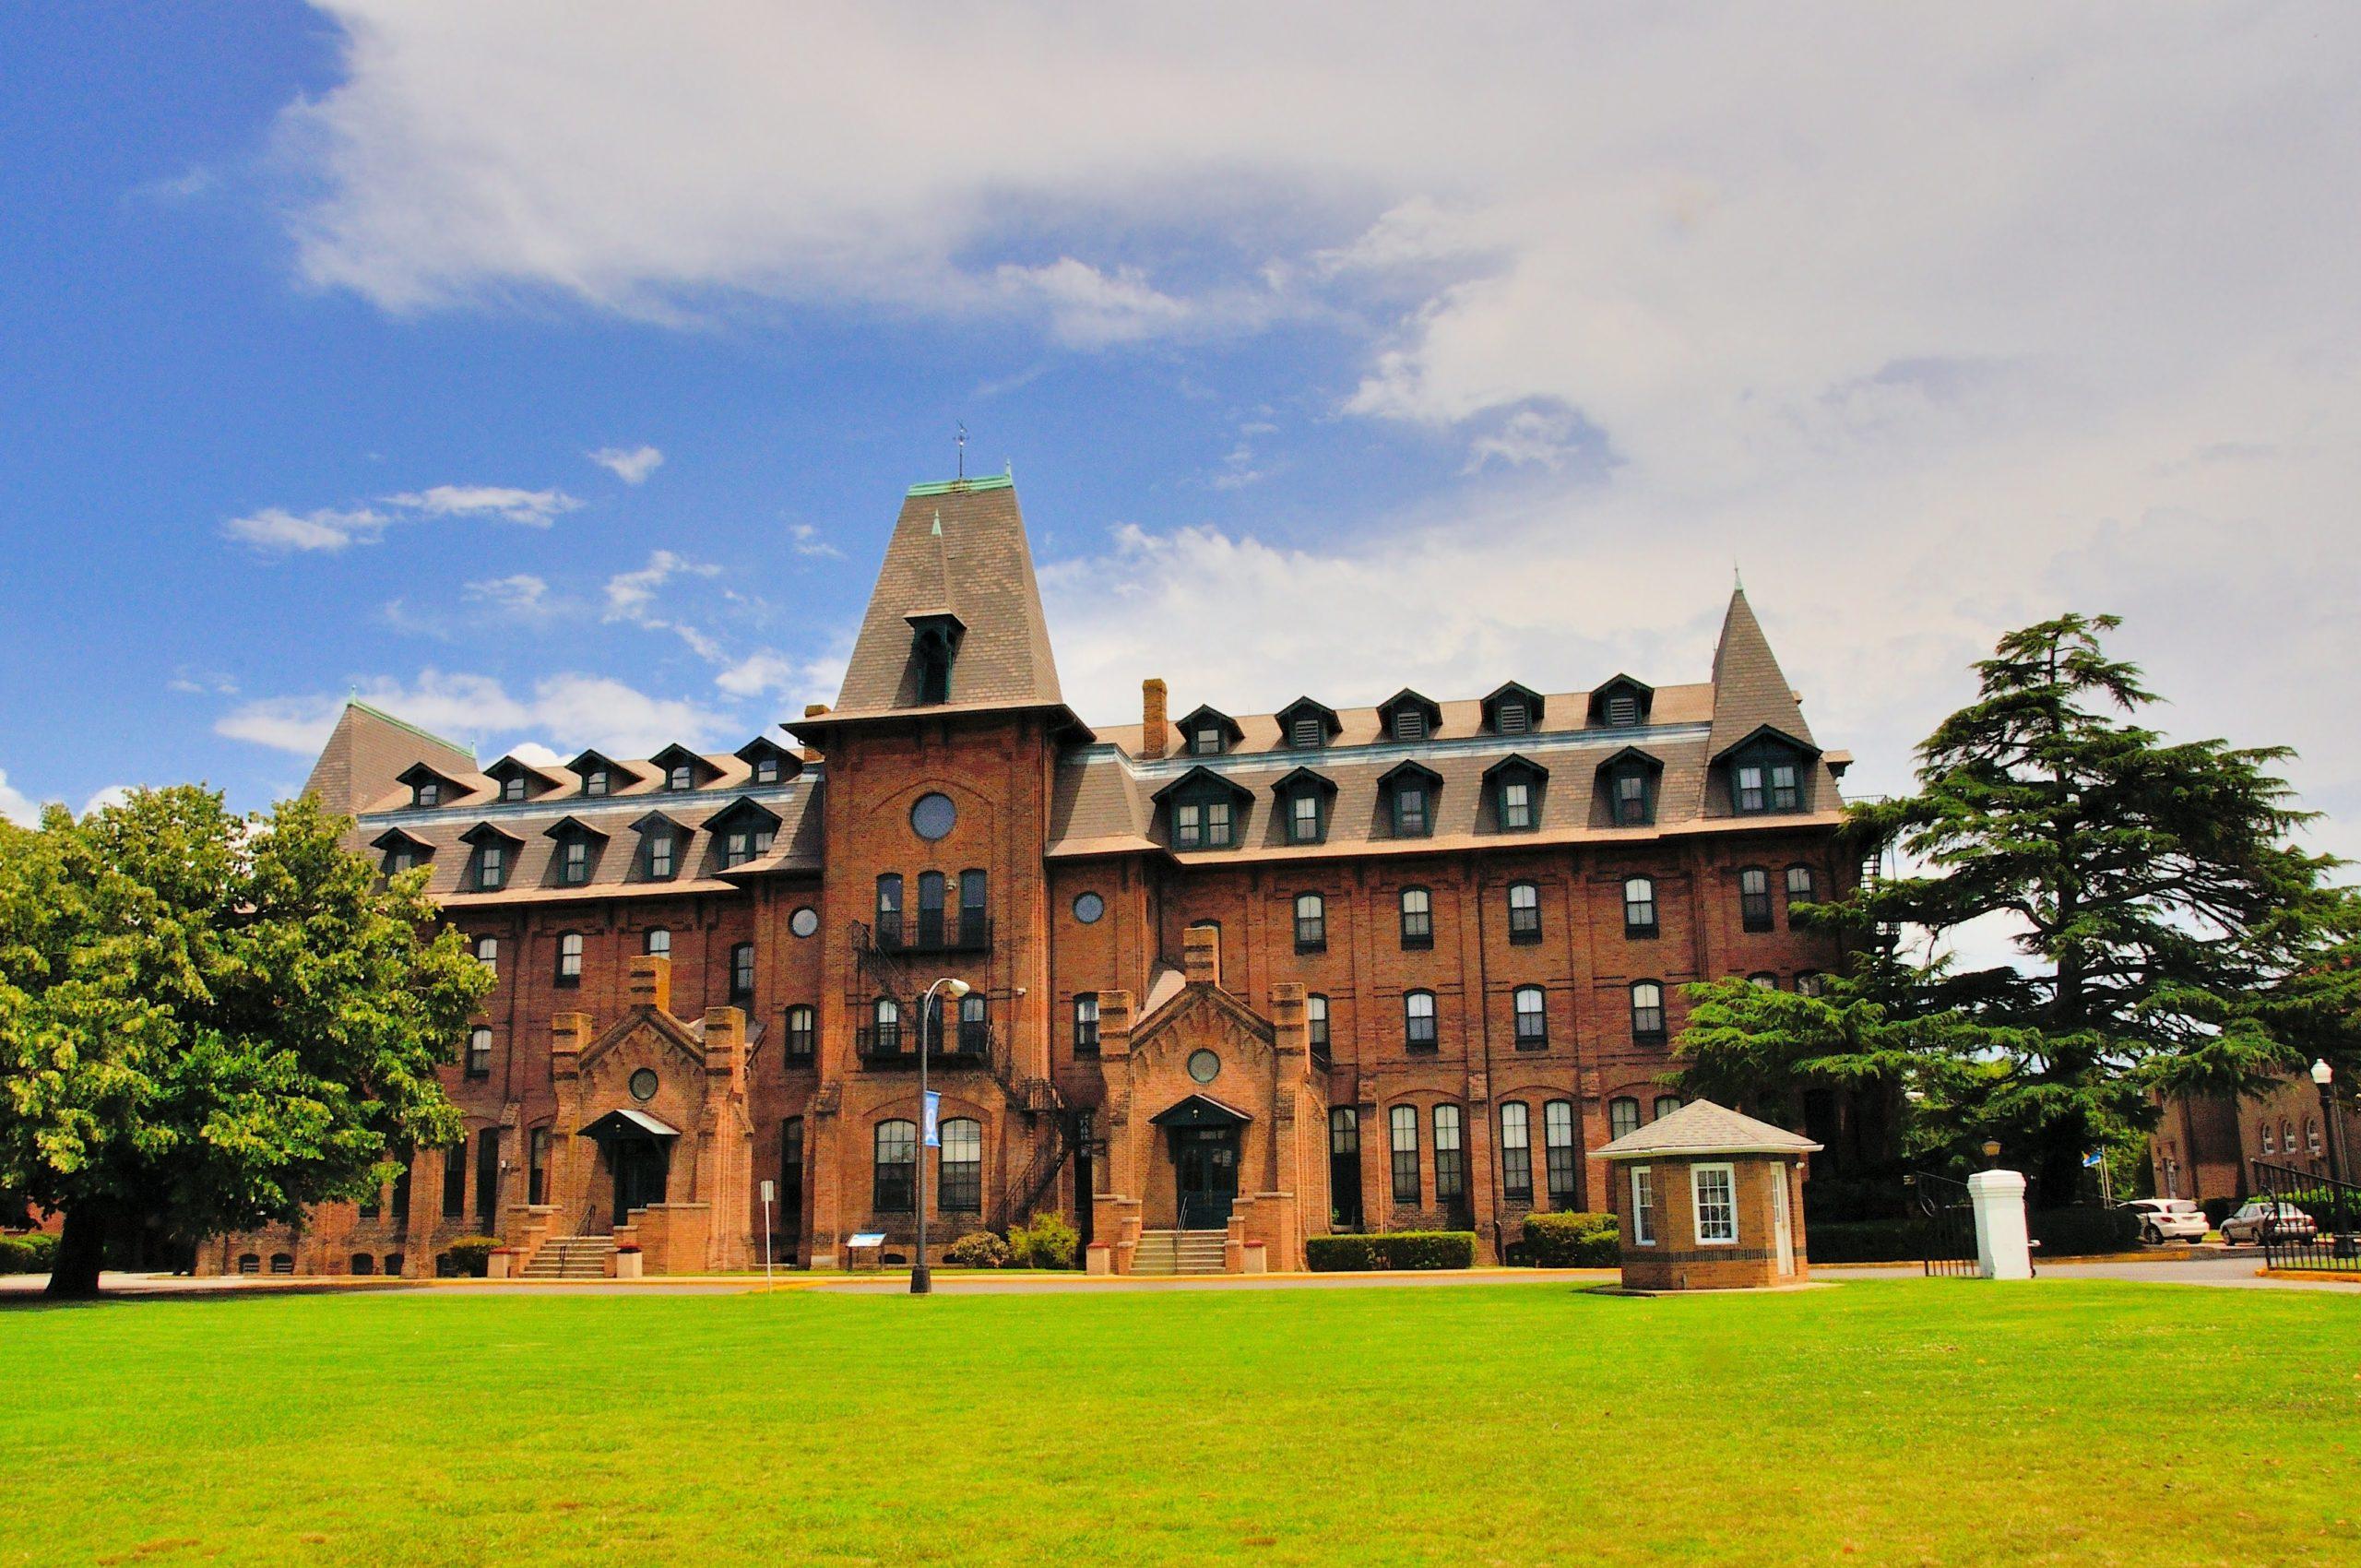 A-Hampton-University-é-uma-das-Universidades-historicamente-negras-dos-EUA